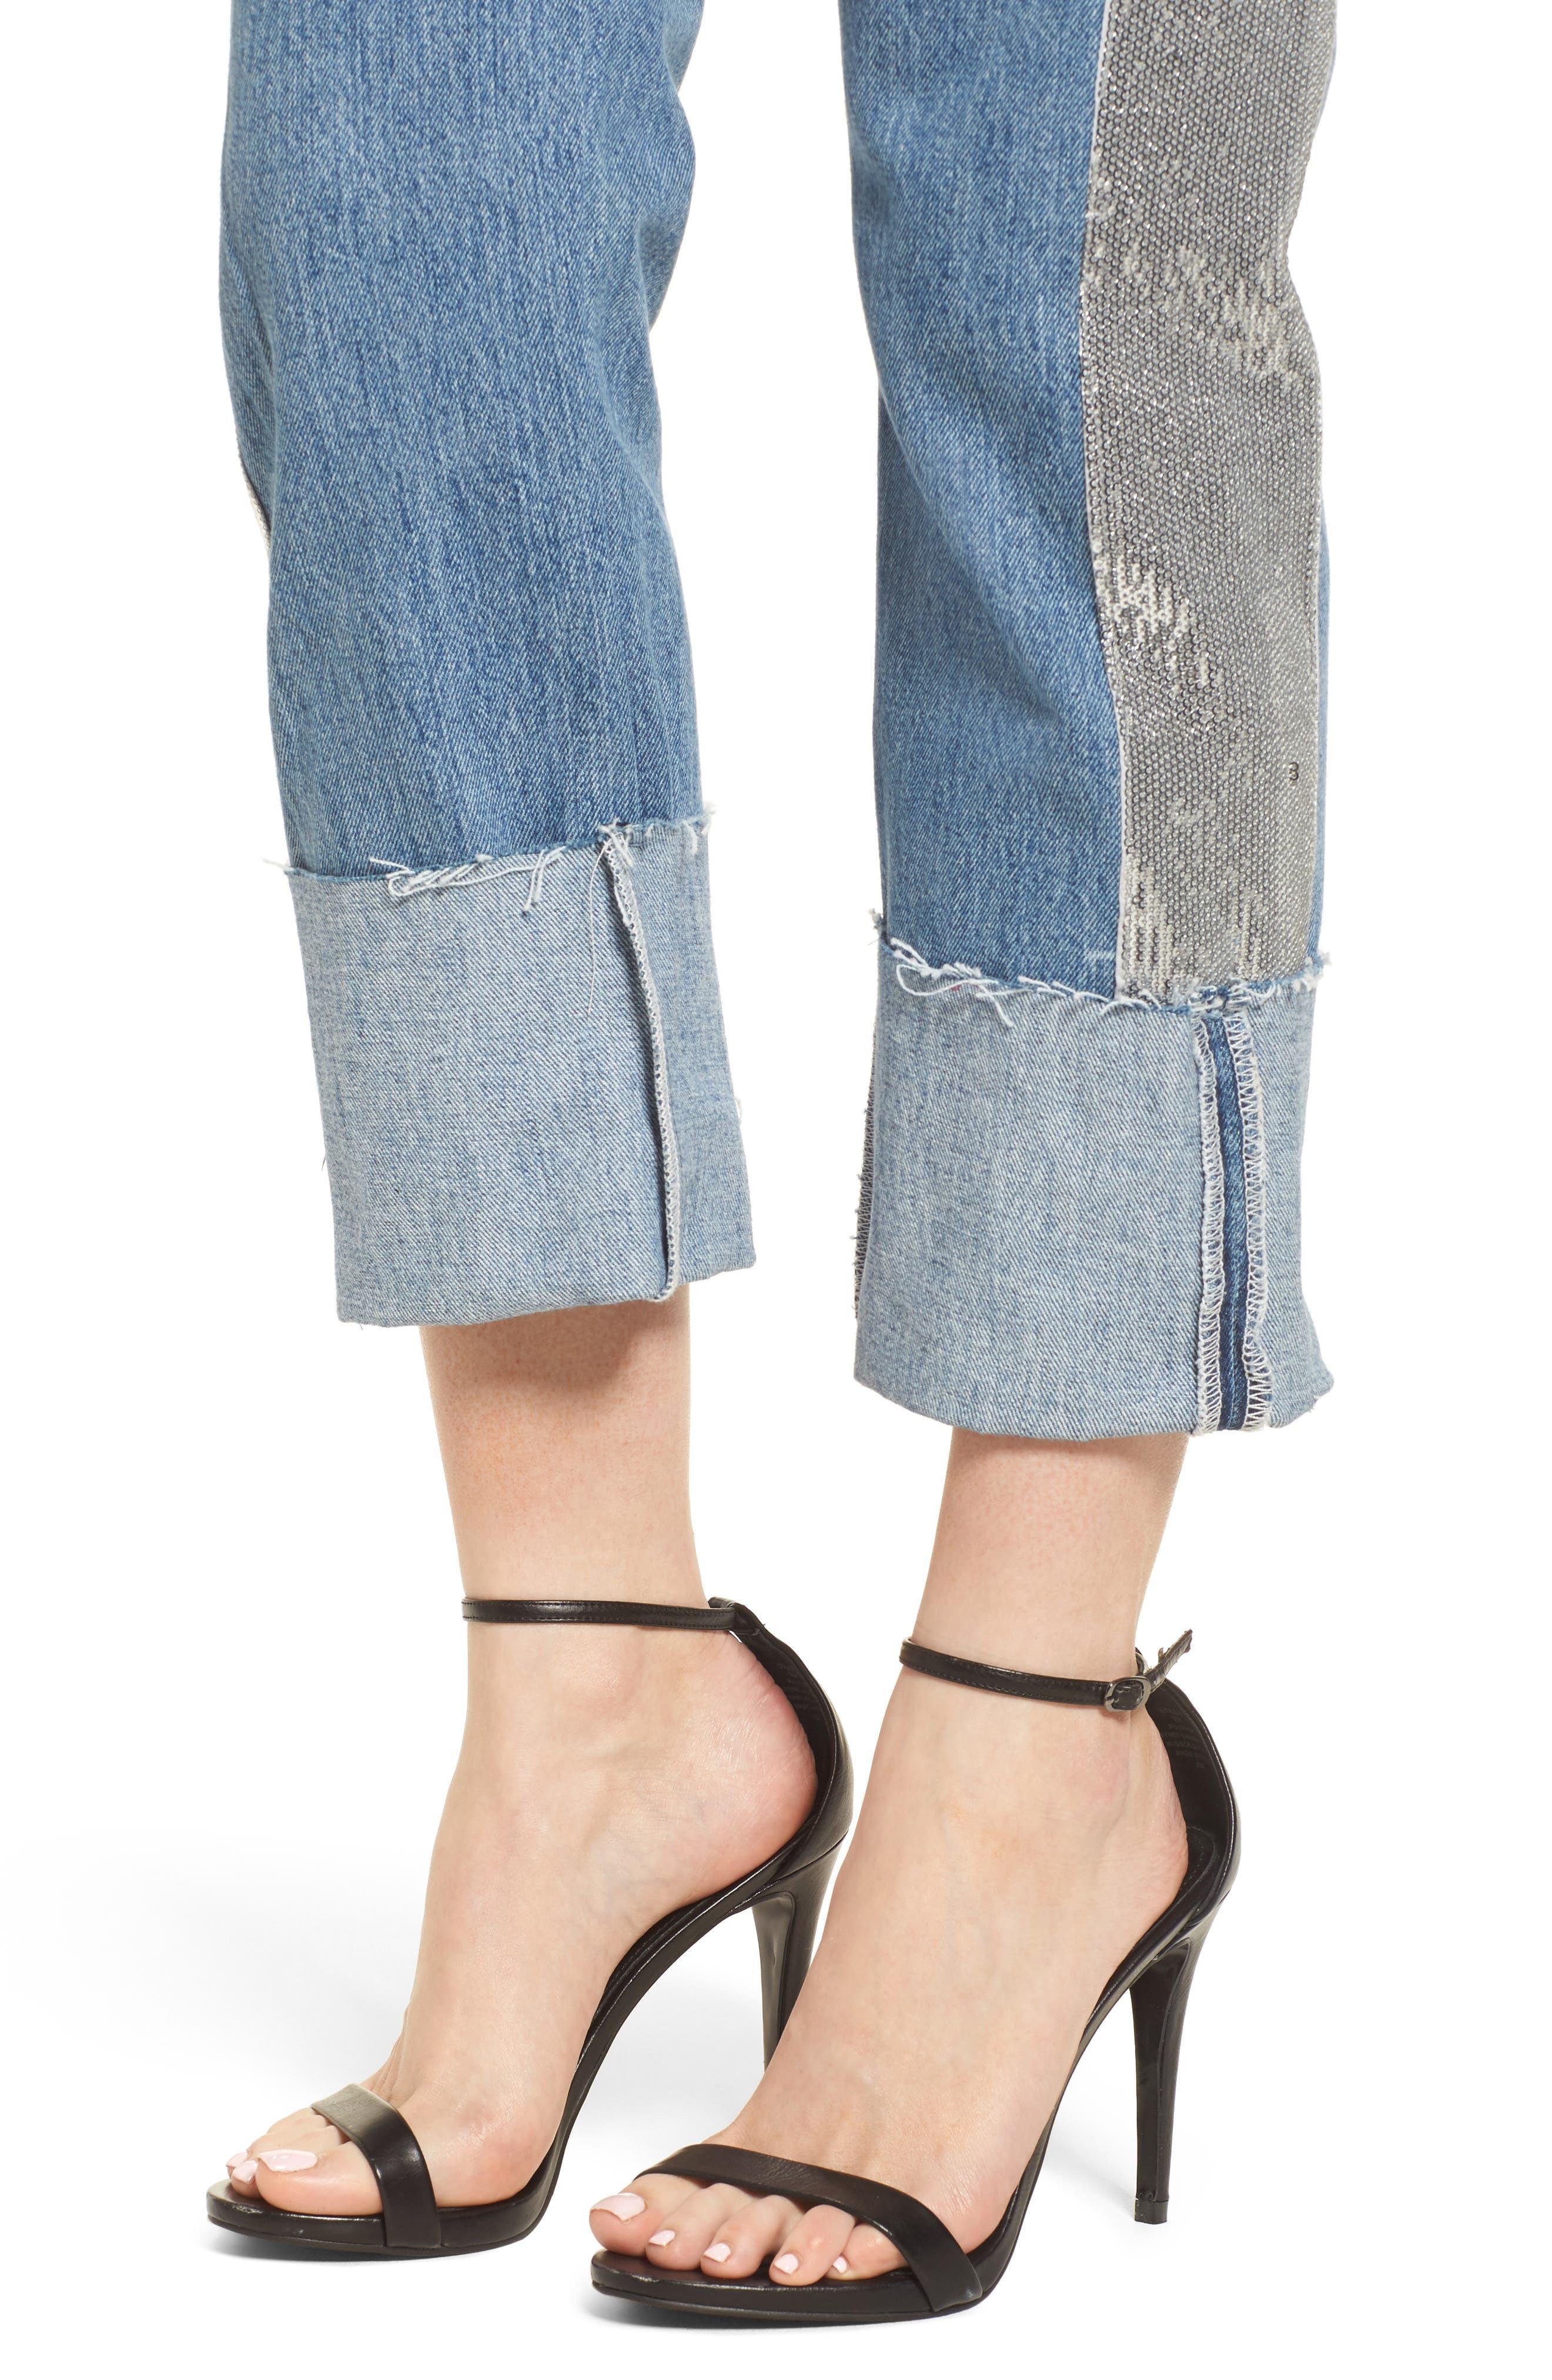 Sequin Boyfriend Jeans,                             Alternate thumbnail 4, color,                             Medium Wash/ Silver